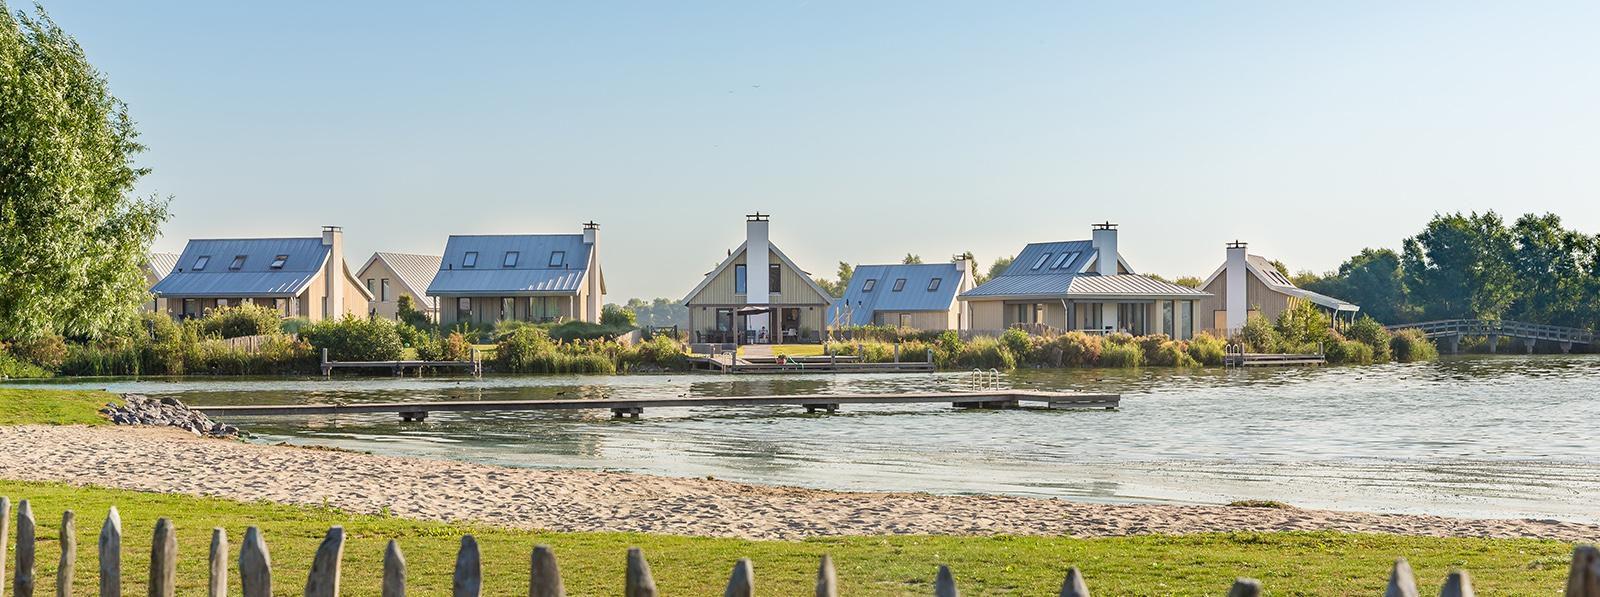 Dit is waarom u nú in een luxe vakantievilla in Zeeland wilt verblijven!